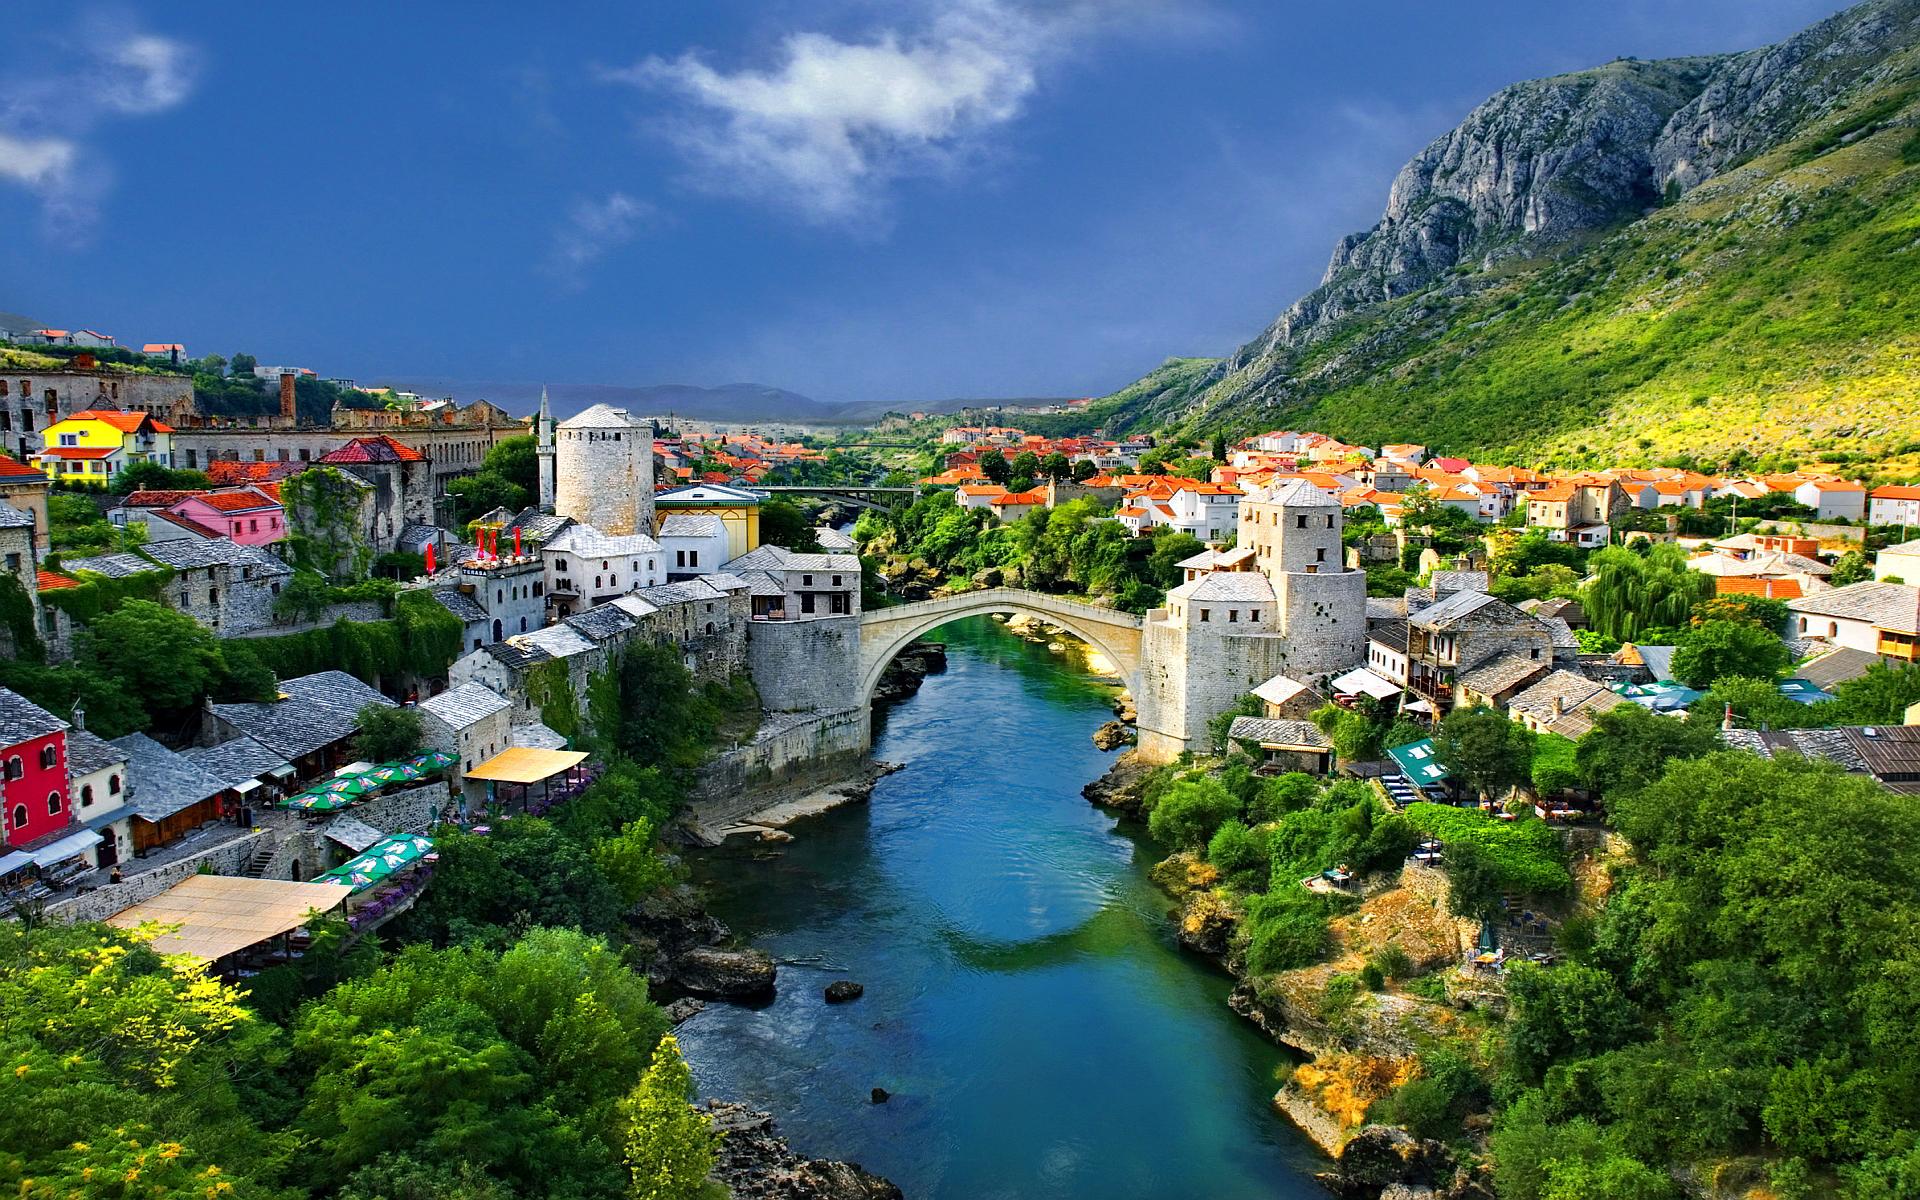 科托尔(Kotor)-莫斯塔尔(Mostar)(187KM)